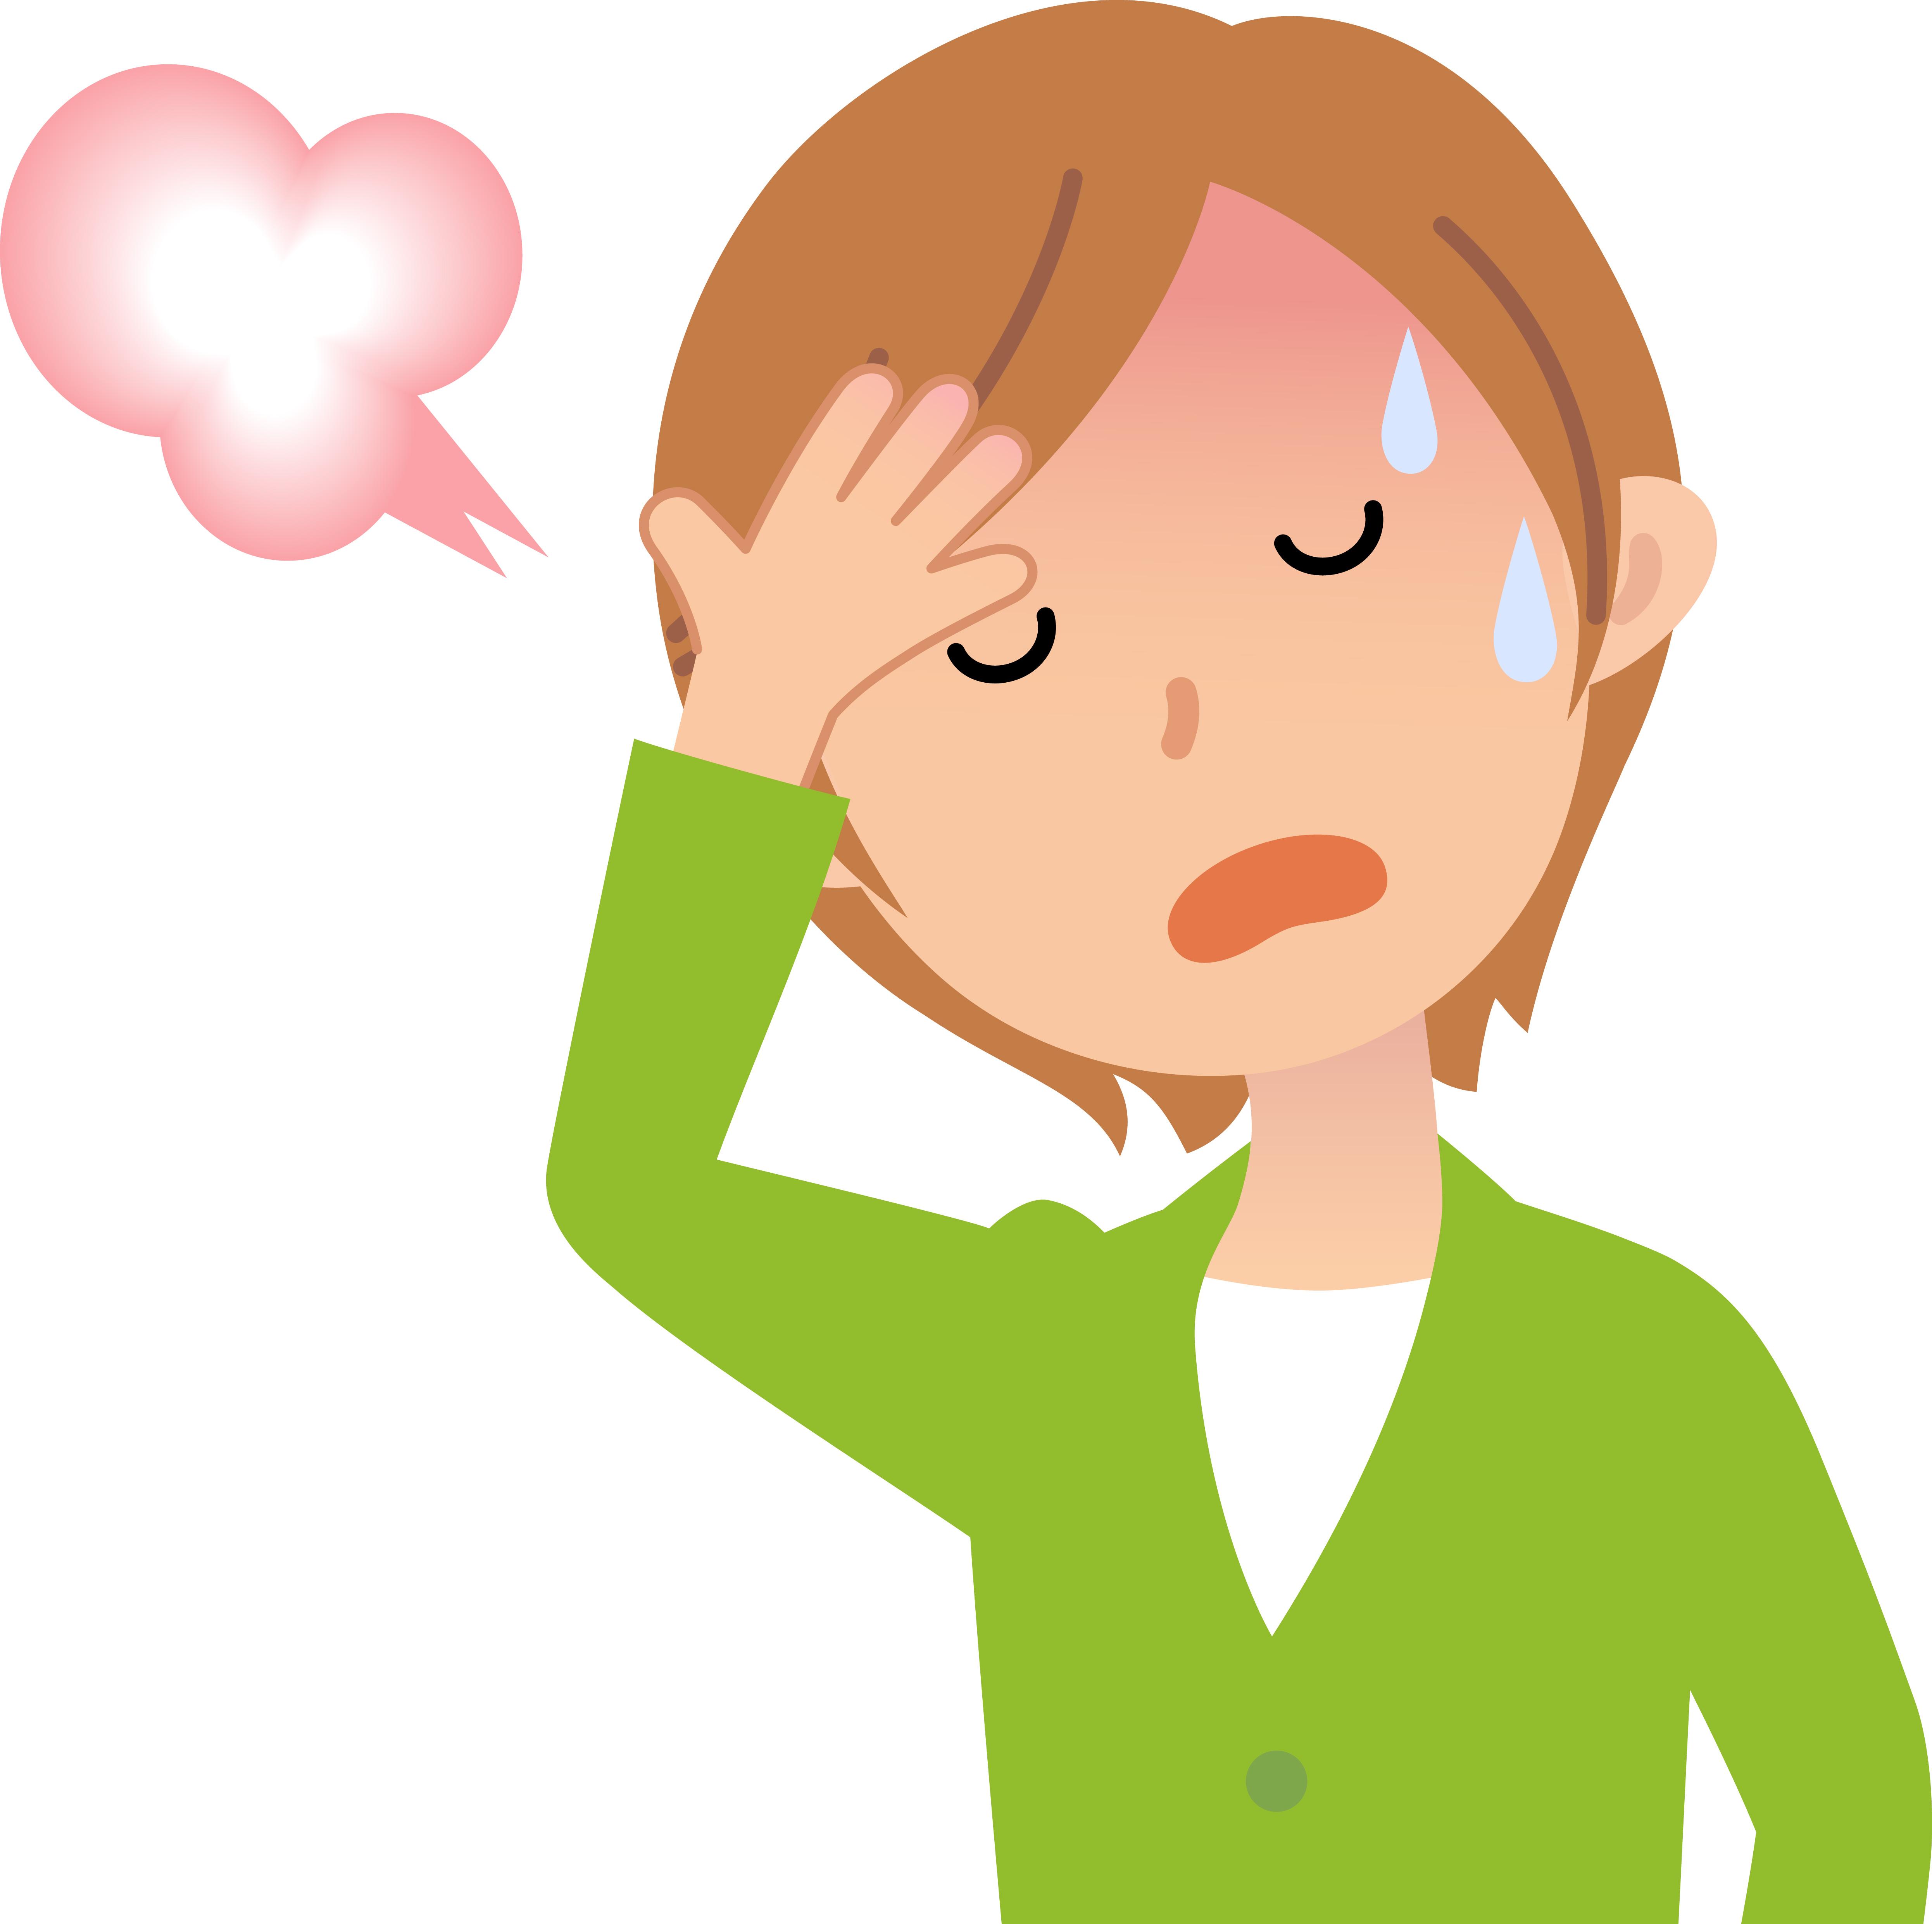 暖房 頭痛,暖房 頭痛 原因,暖房 吐き気,暖房 吐き気 原因